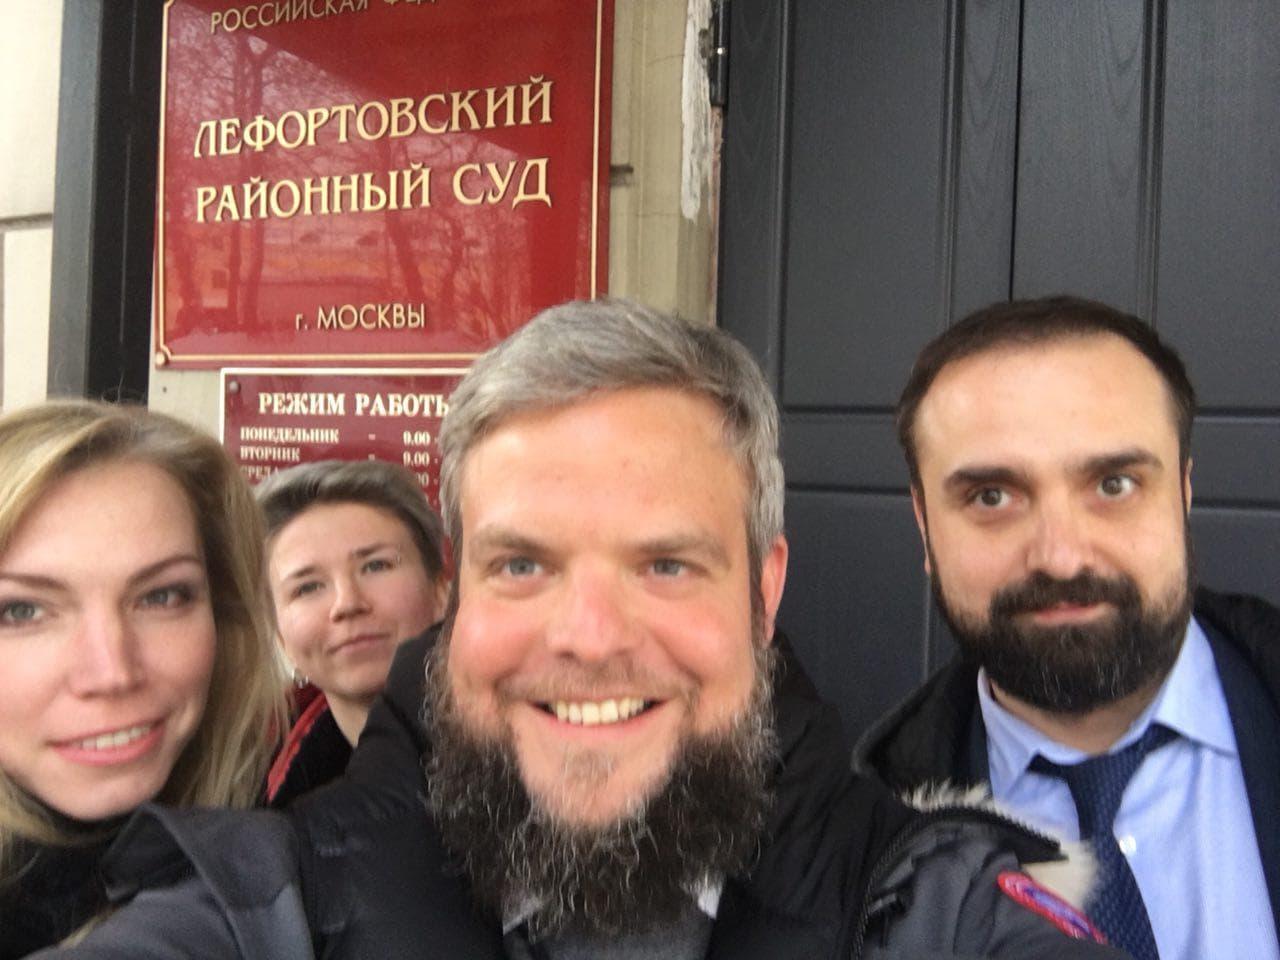 Суд отказался блокировать сайт с ICO кооператива LavkaLavka